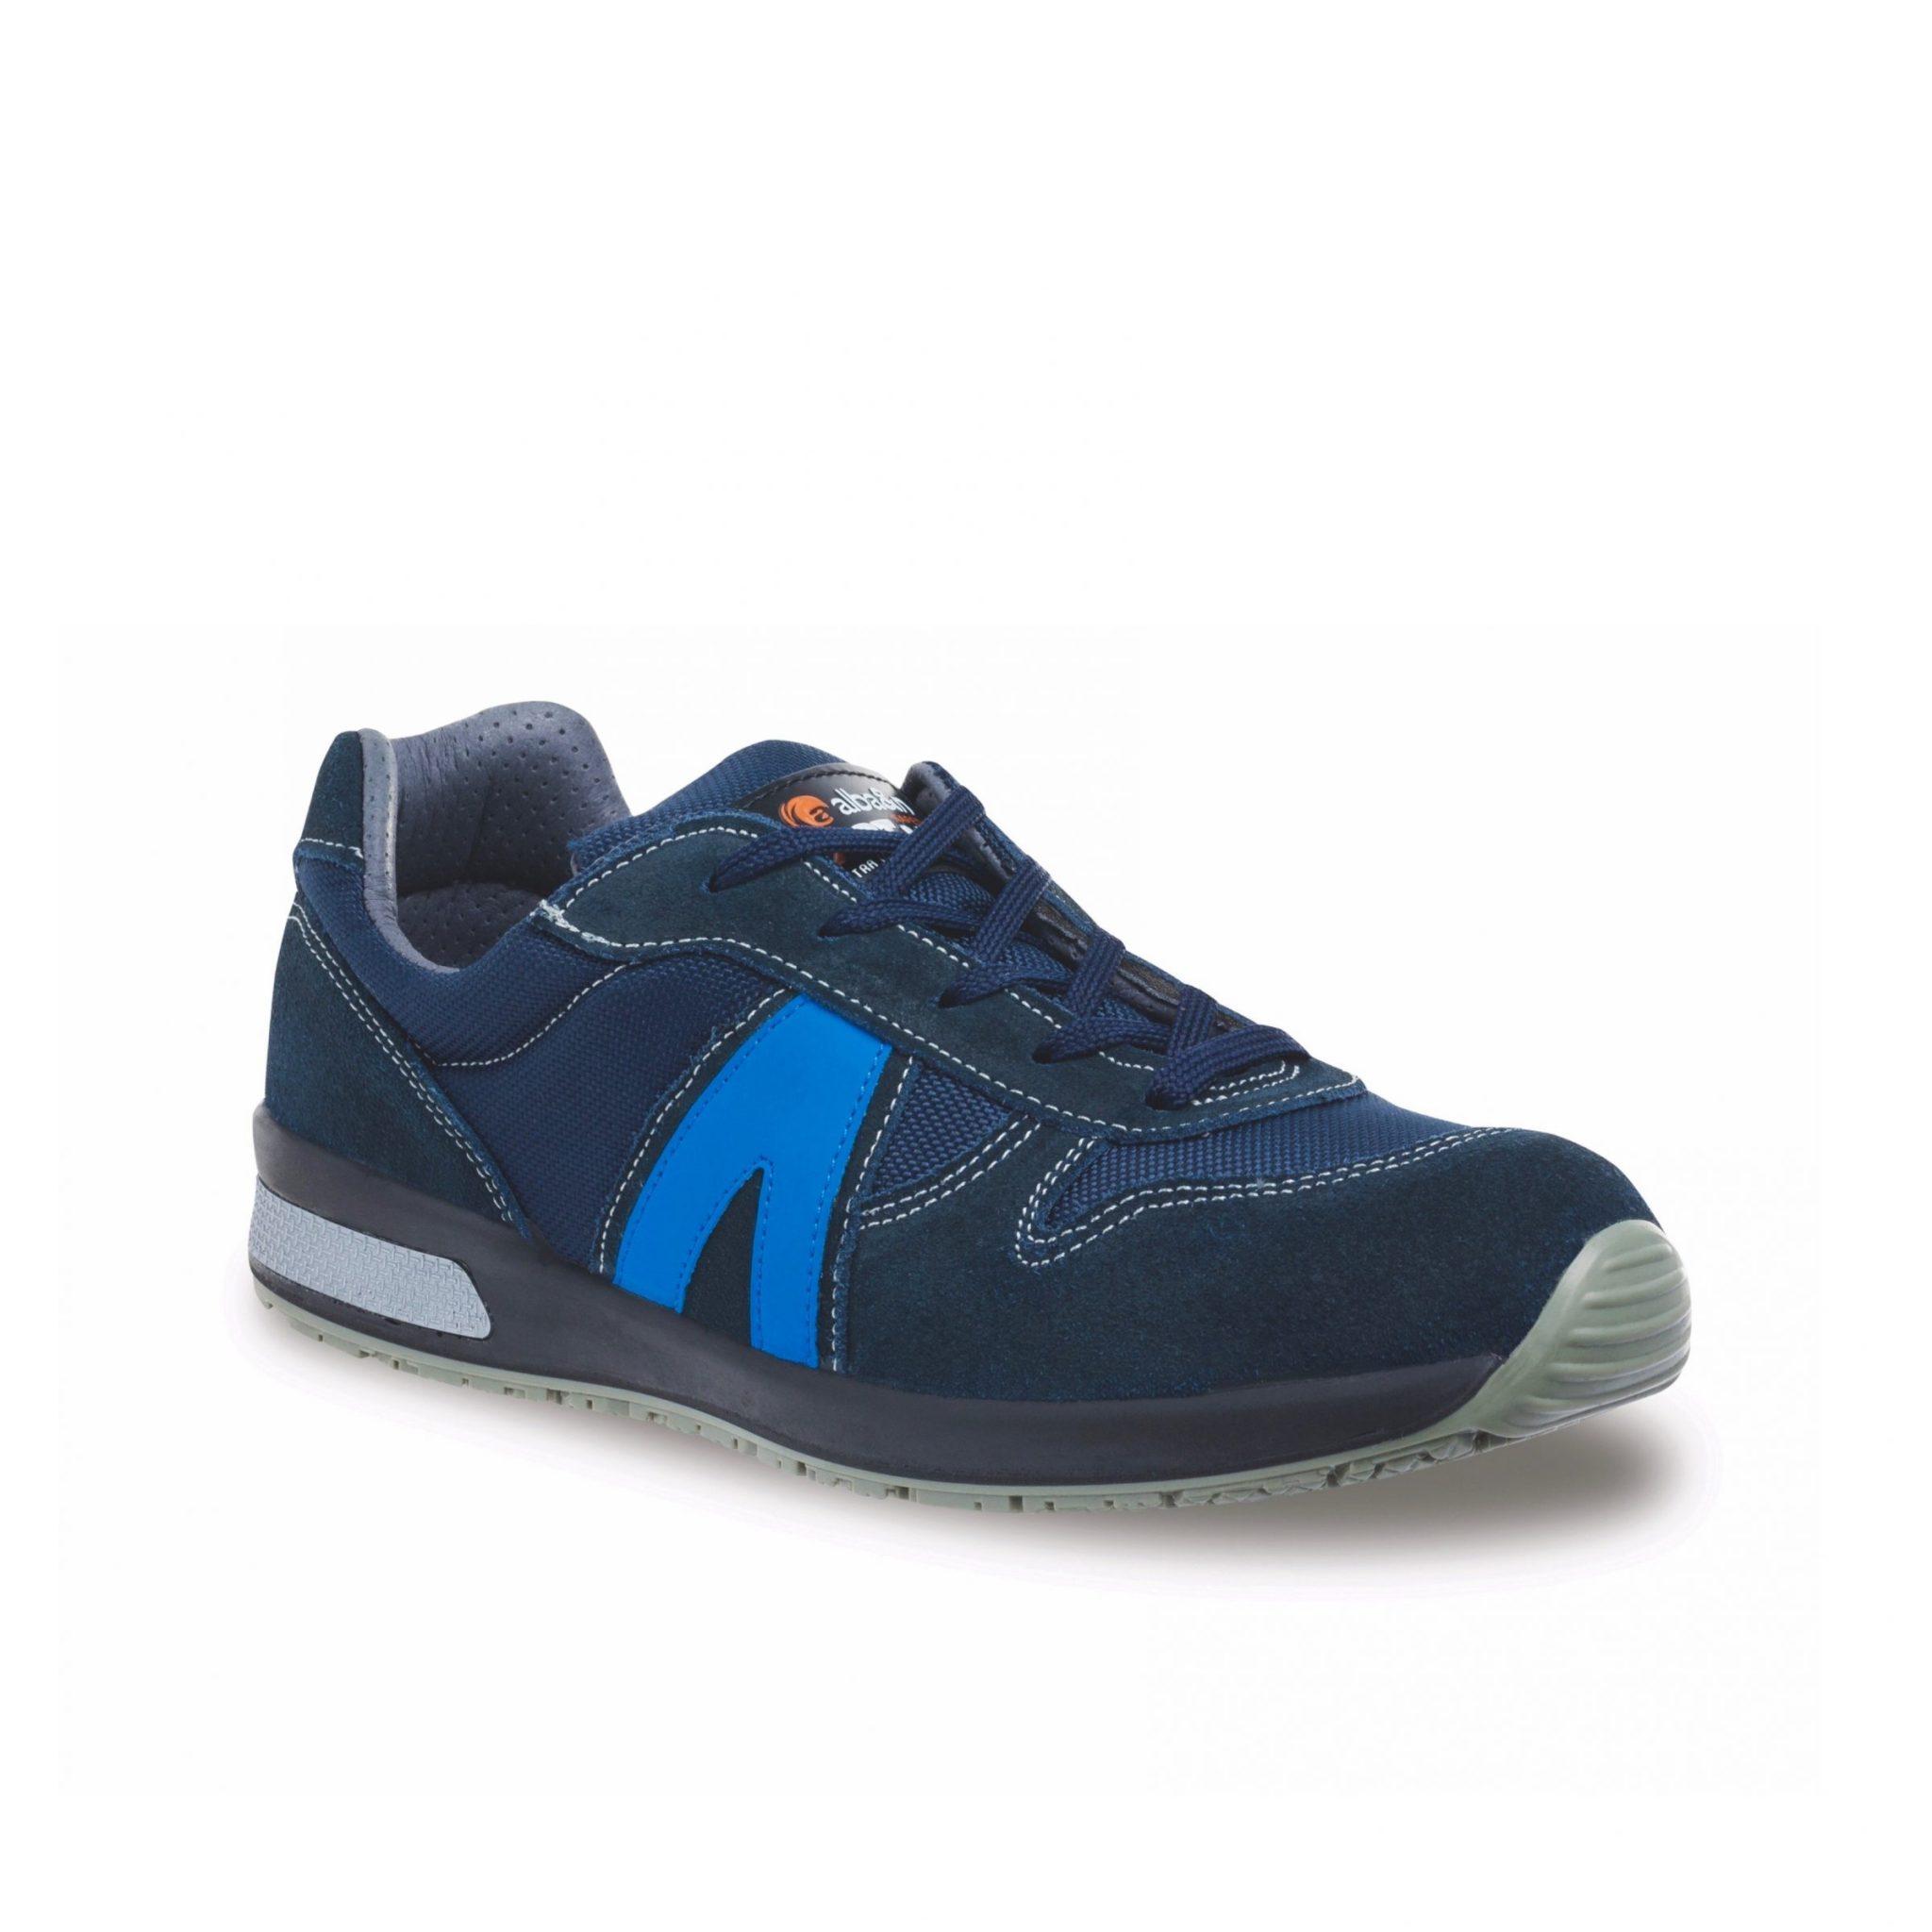 nuovi stili qualità incredibile servizio eccellente Scarpa antinfortunistica Alba&n Joggers J11 S1P bassa blu